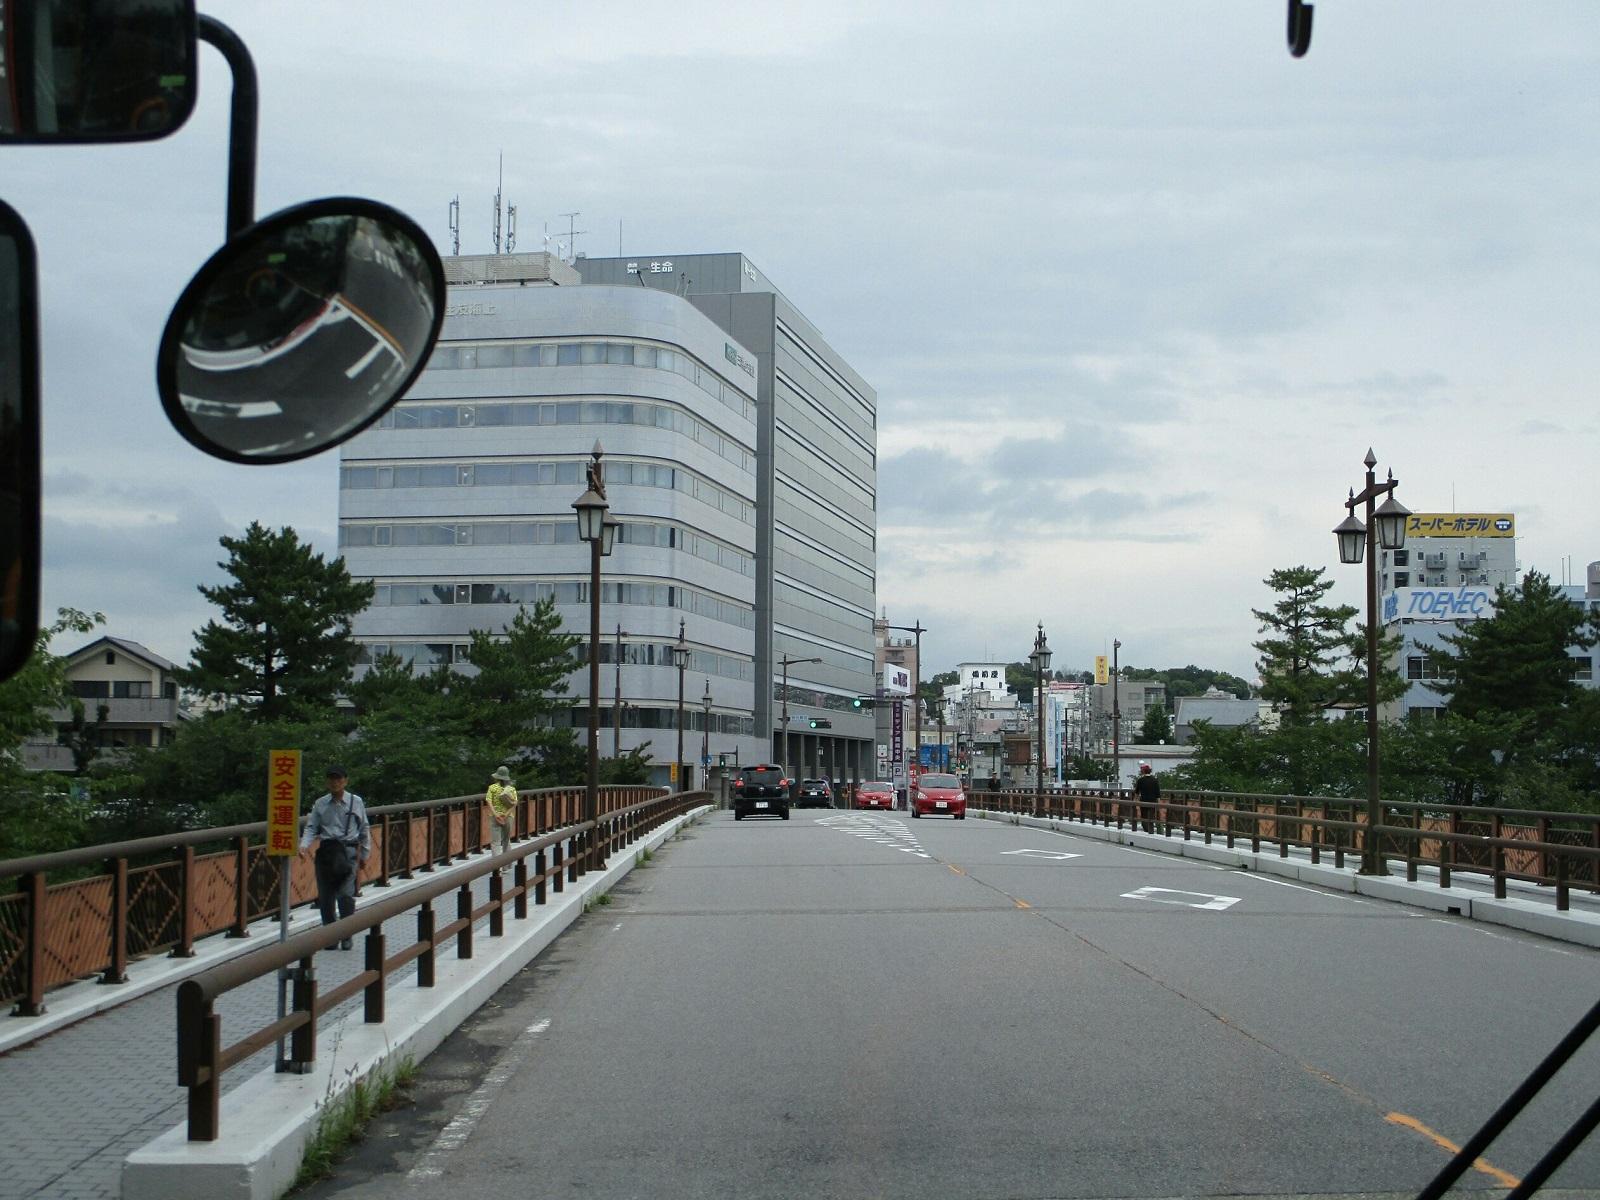 2018.6.21 (17) JRあんじょうえきいきバス - 明代橋をわたる 1600-1200